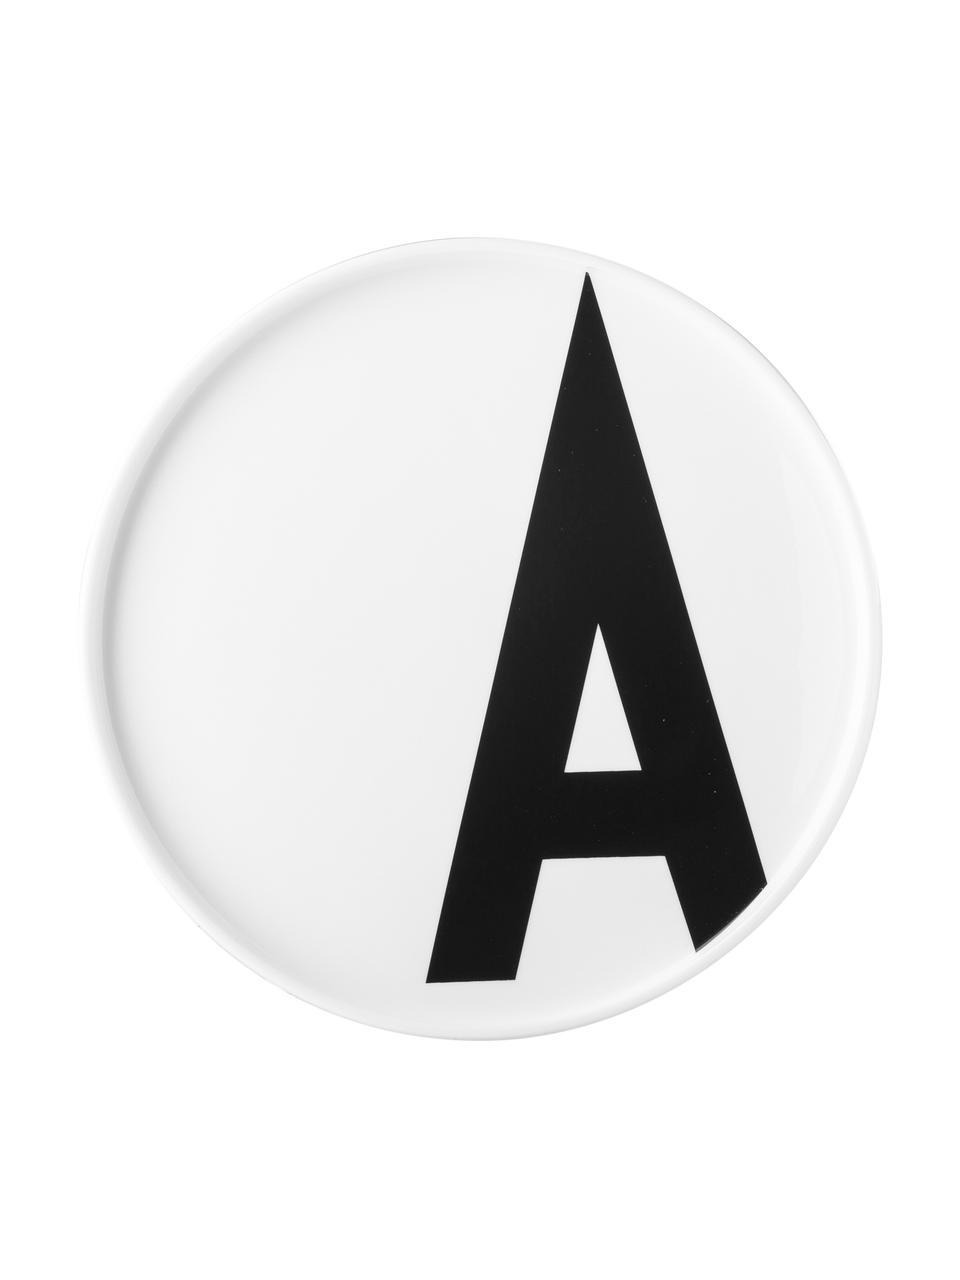 Design ontbijtbord Personal met letters (varianten van A tot Z), Beenderporselein (Fine Bone China)Fine Bone China is een zacht porselein, dat zich vooral onderscheidt door zijn briljante, doorschijnende glans., Wit, zwart, Ø 22 x H 2 cm